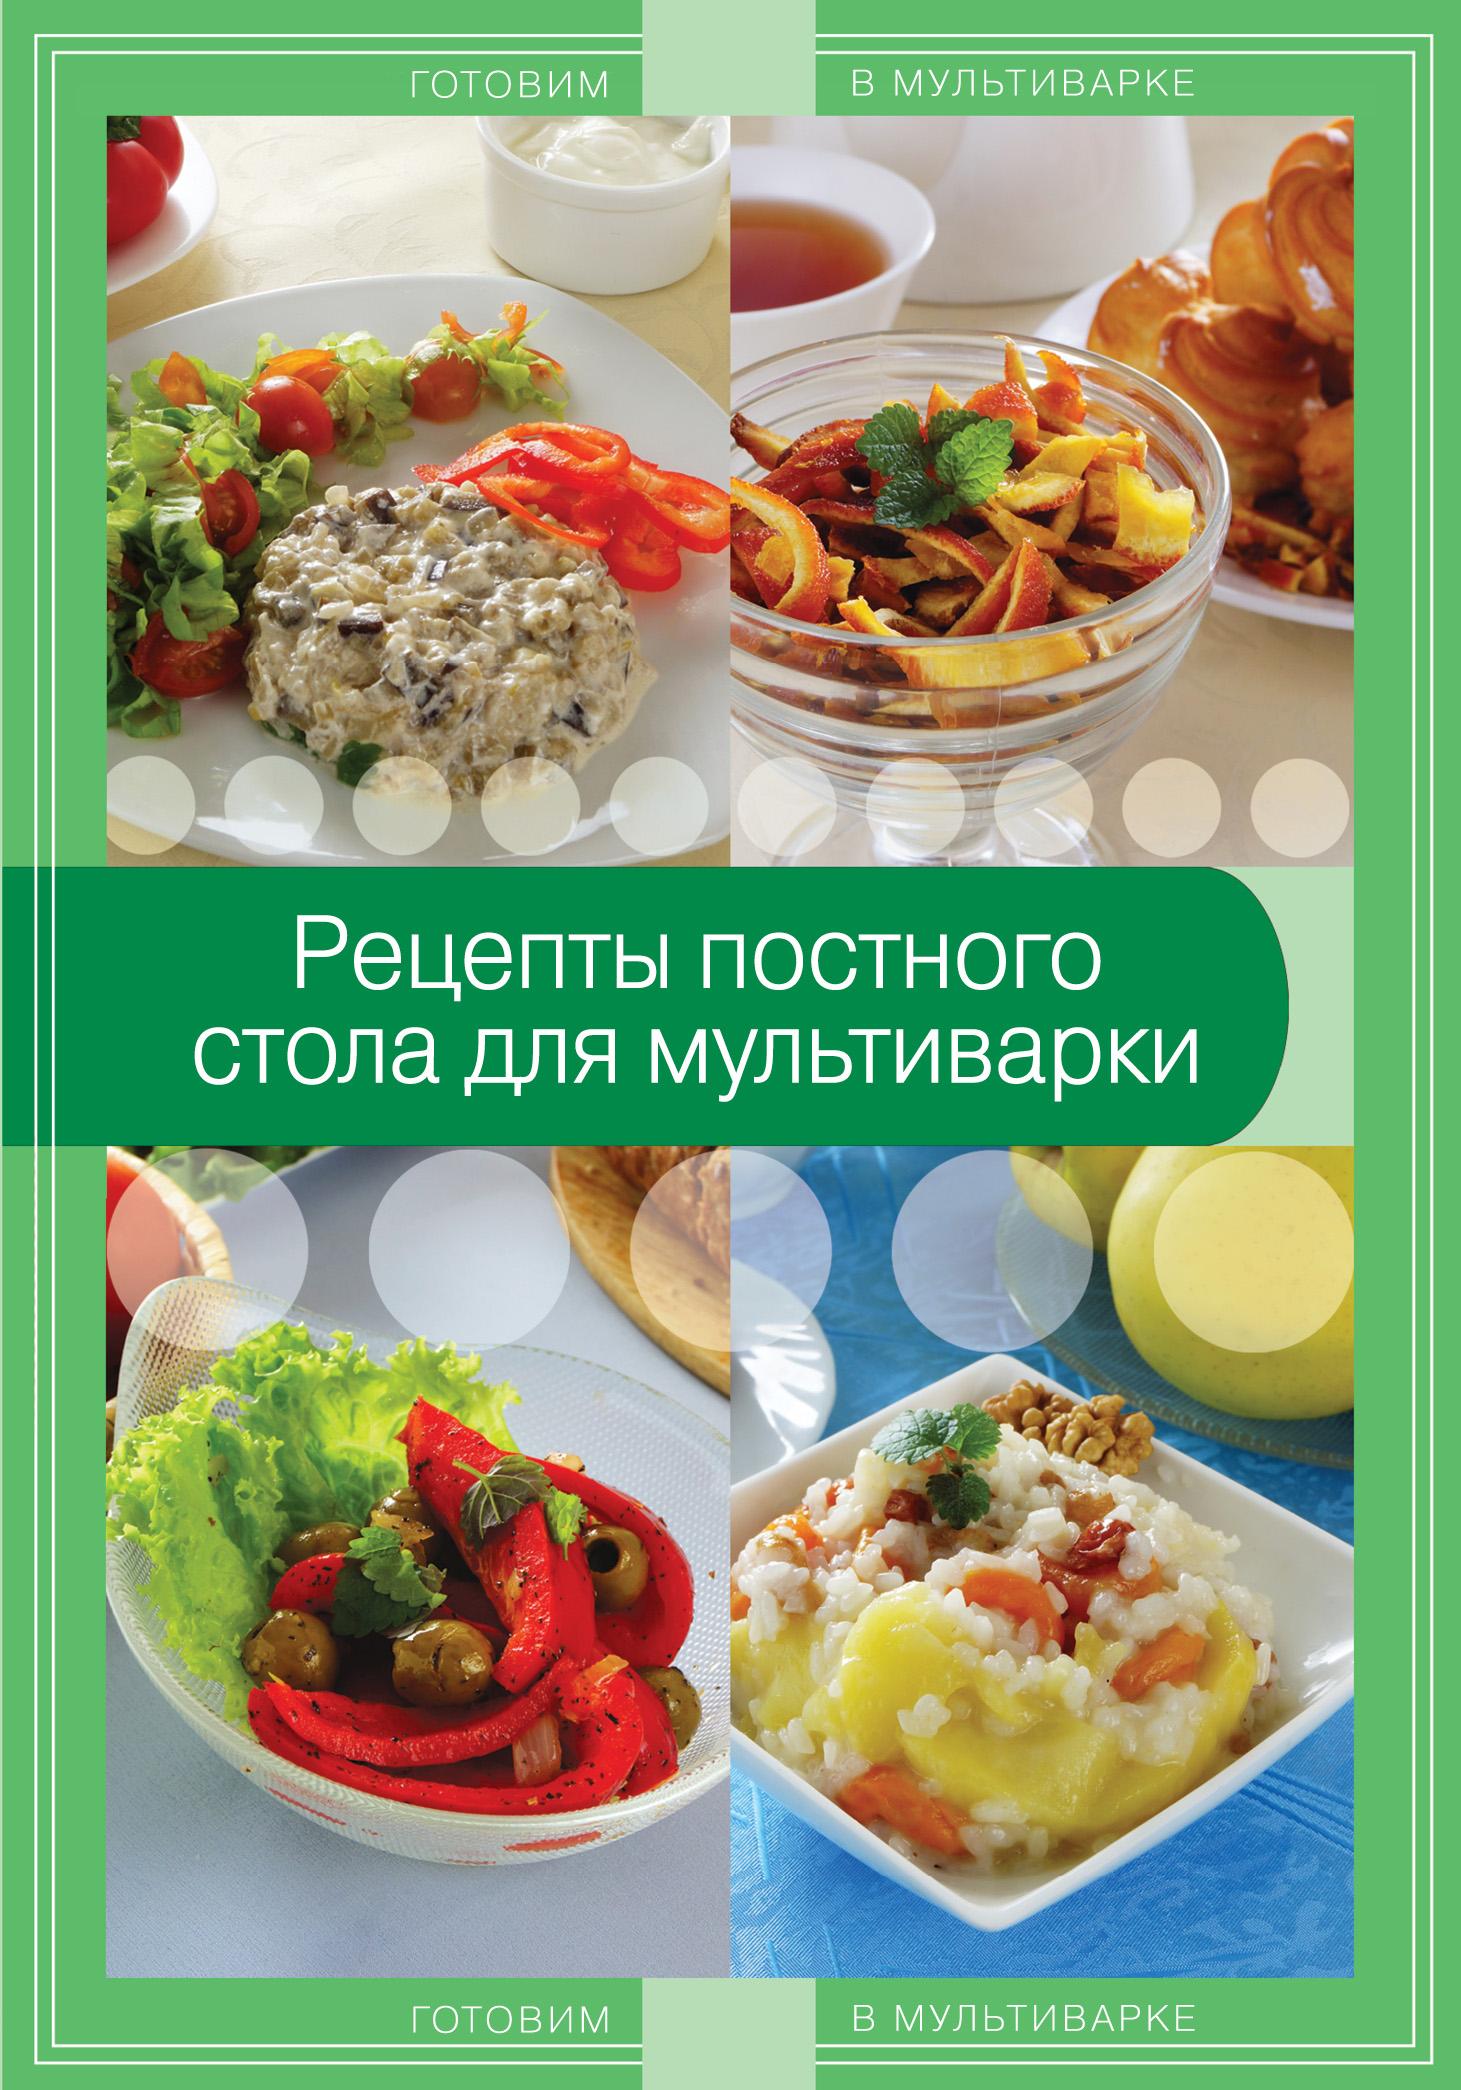 Рецепты постного стола для мультиварки что можно в дьюти фри в домодедово